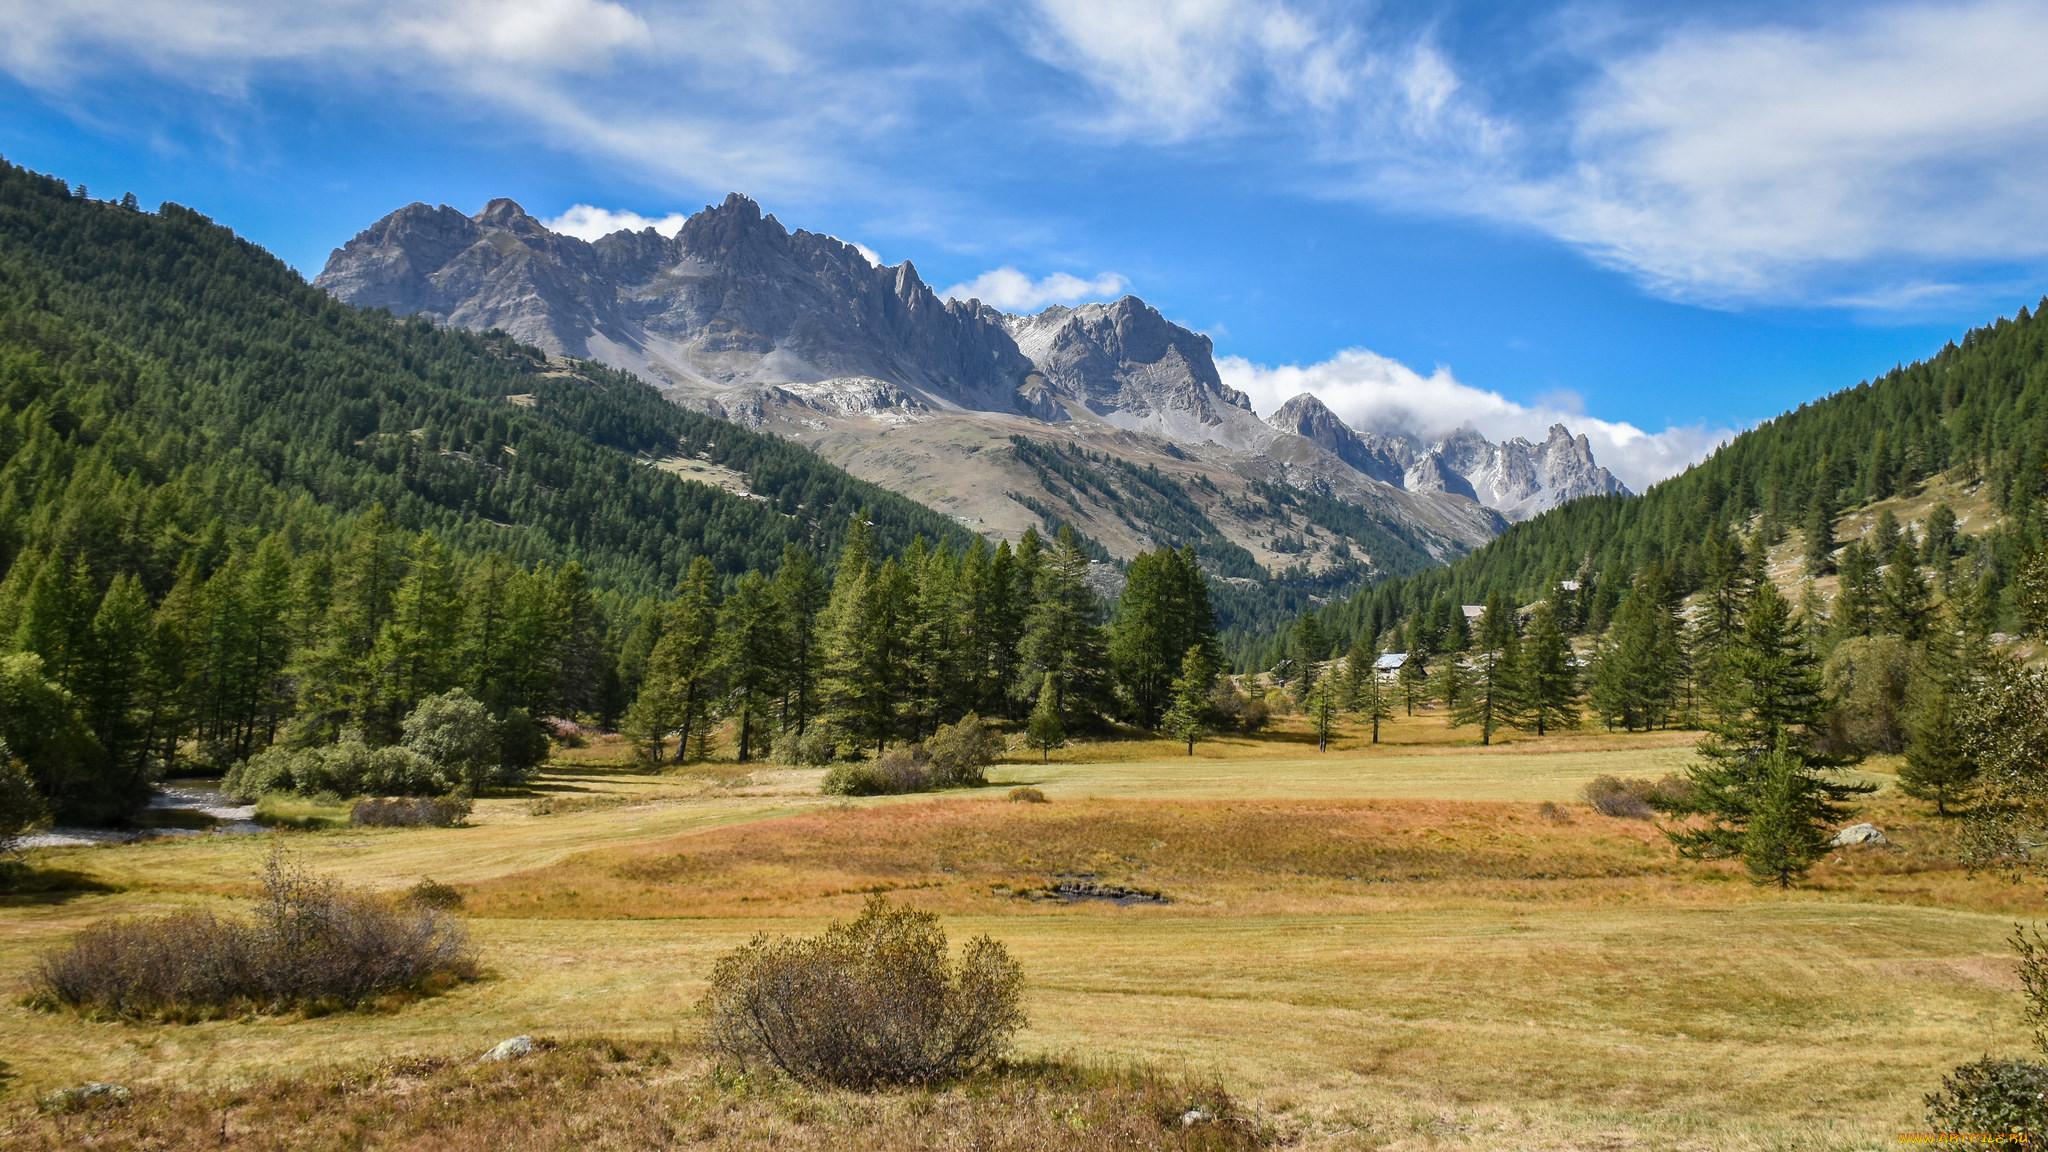 равнины и горы фотографии лишь благодаря